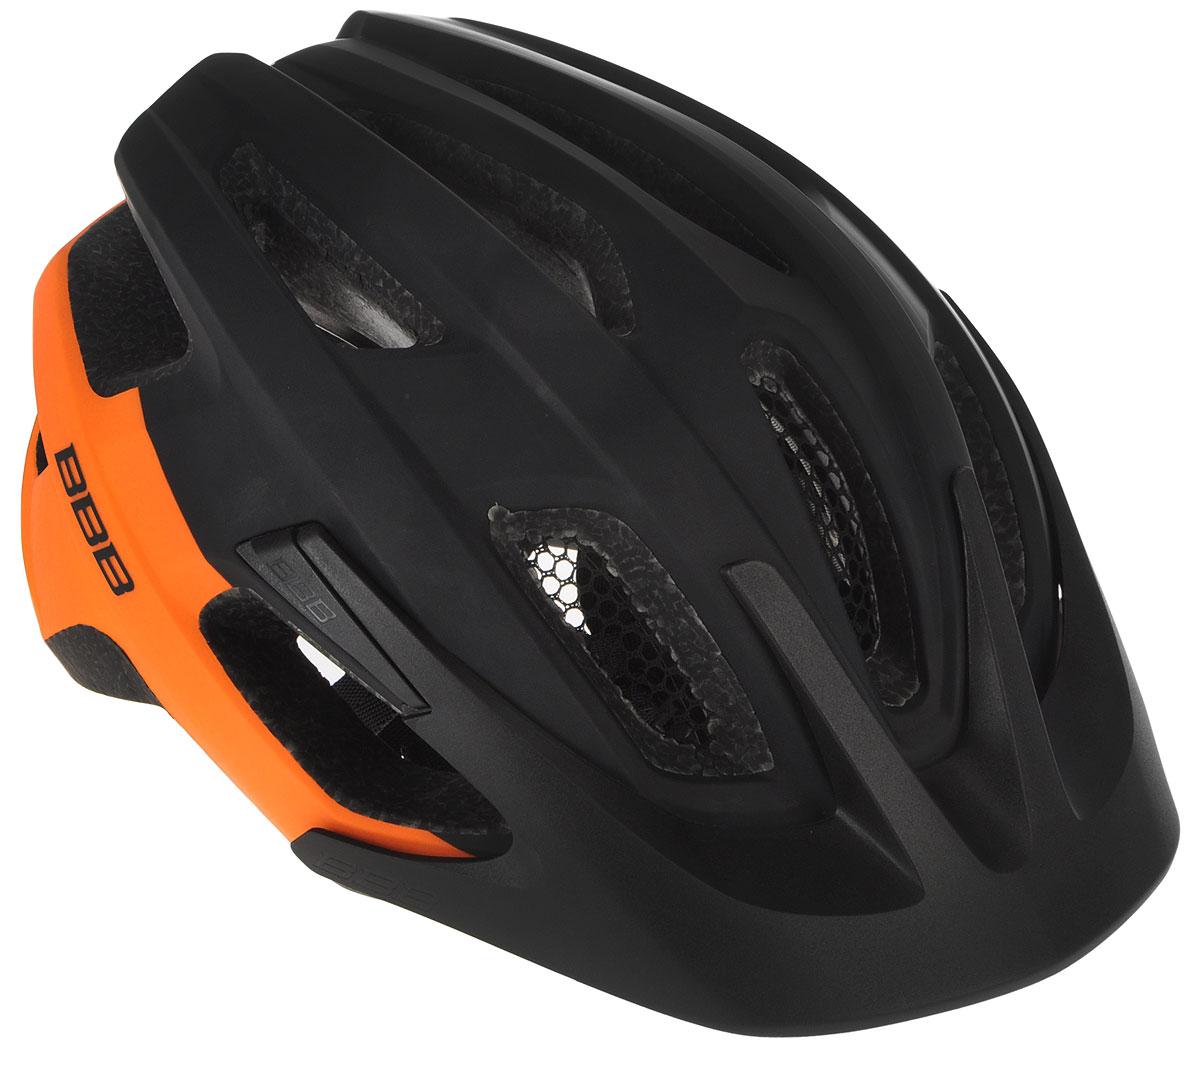 Шлем летний BBB Kite, со съмным козырьком, цвет: черный, оранжевый. Размер MBHE-29Шлем BBB Kite, предназначенный для велосипедистов, скейтбордистов и роллеров, снабжен настраиваемыми ремешками для максимально комфортной посадки. Система TwistClose - позволяет настроить шлем одной рукой. Увеличенное количество вентиляционных отверстий гарантирует отличную циркуляцию воздуха на разных скоростях движения при сохранении жесткости, а отверстия для вентиляции в задней части шлема предназначены для оптимального распределения потока воздуха. Шлем оснащен съемными мягкими накладками с антибактериальными свойствами и съемным козырьком. Внутренняя часть изделия изготовлена из пенополистирола. Ее роль заключается в рассеивании энергии при ударе, а низкопрофильная конструкция обеспечивает дополнительную защиту наиболее уязвимых участков головы. Фронтальные отверстия изделия прикрыты мелкой сеткой для защиты от насекомых. Верхняя часть шлема, выполненная из прочного пластика, препятствует разрушению изделия, защищает его от прокола и позволять ему скользить при ударах. Шлем имеет светоотражающие наклейки и 14 вентиляционных отверстий, которые делают катание максимально комфортным.Размер: M. Обхват головы: 55-58 см.